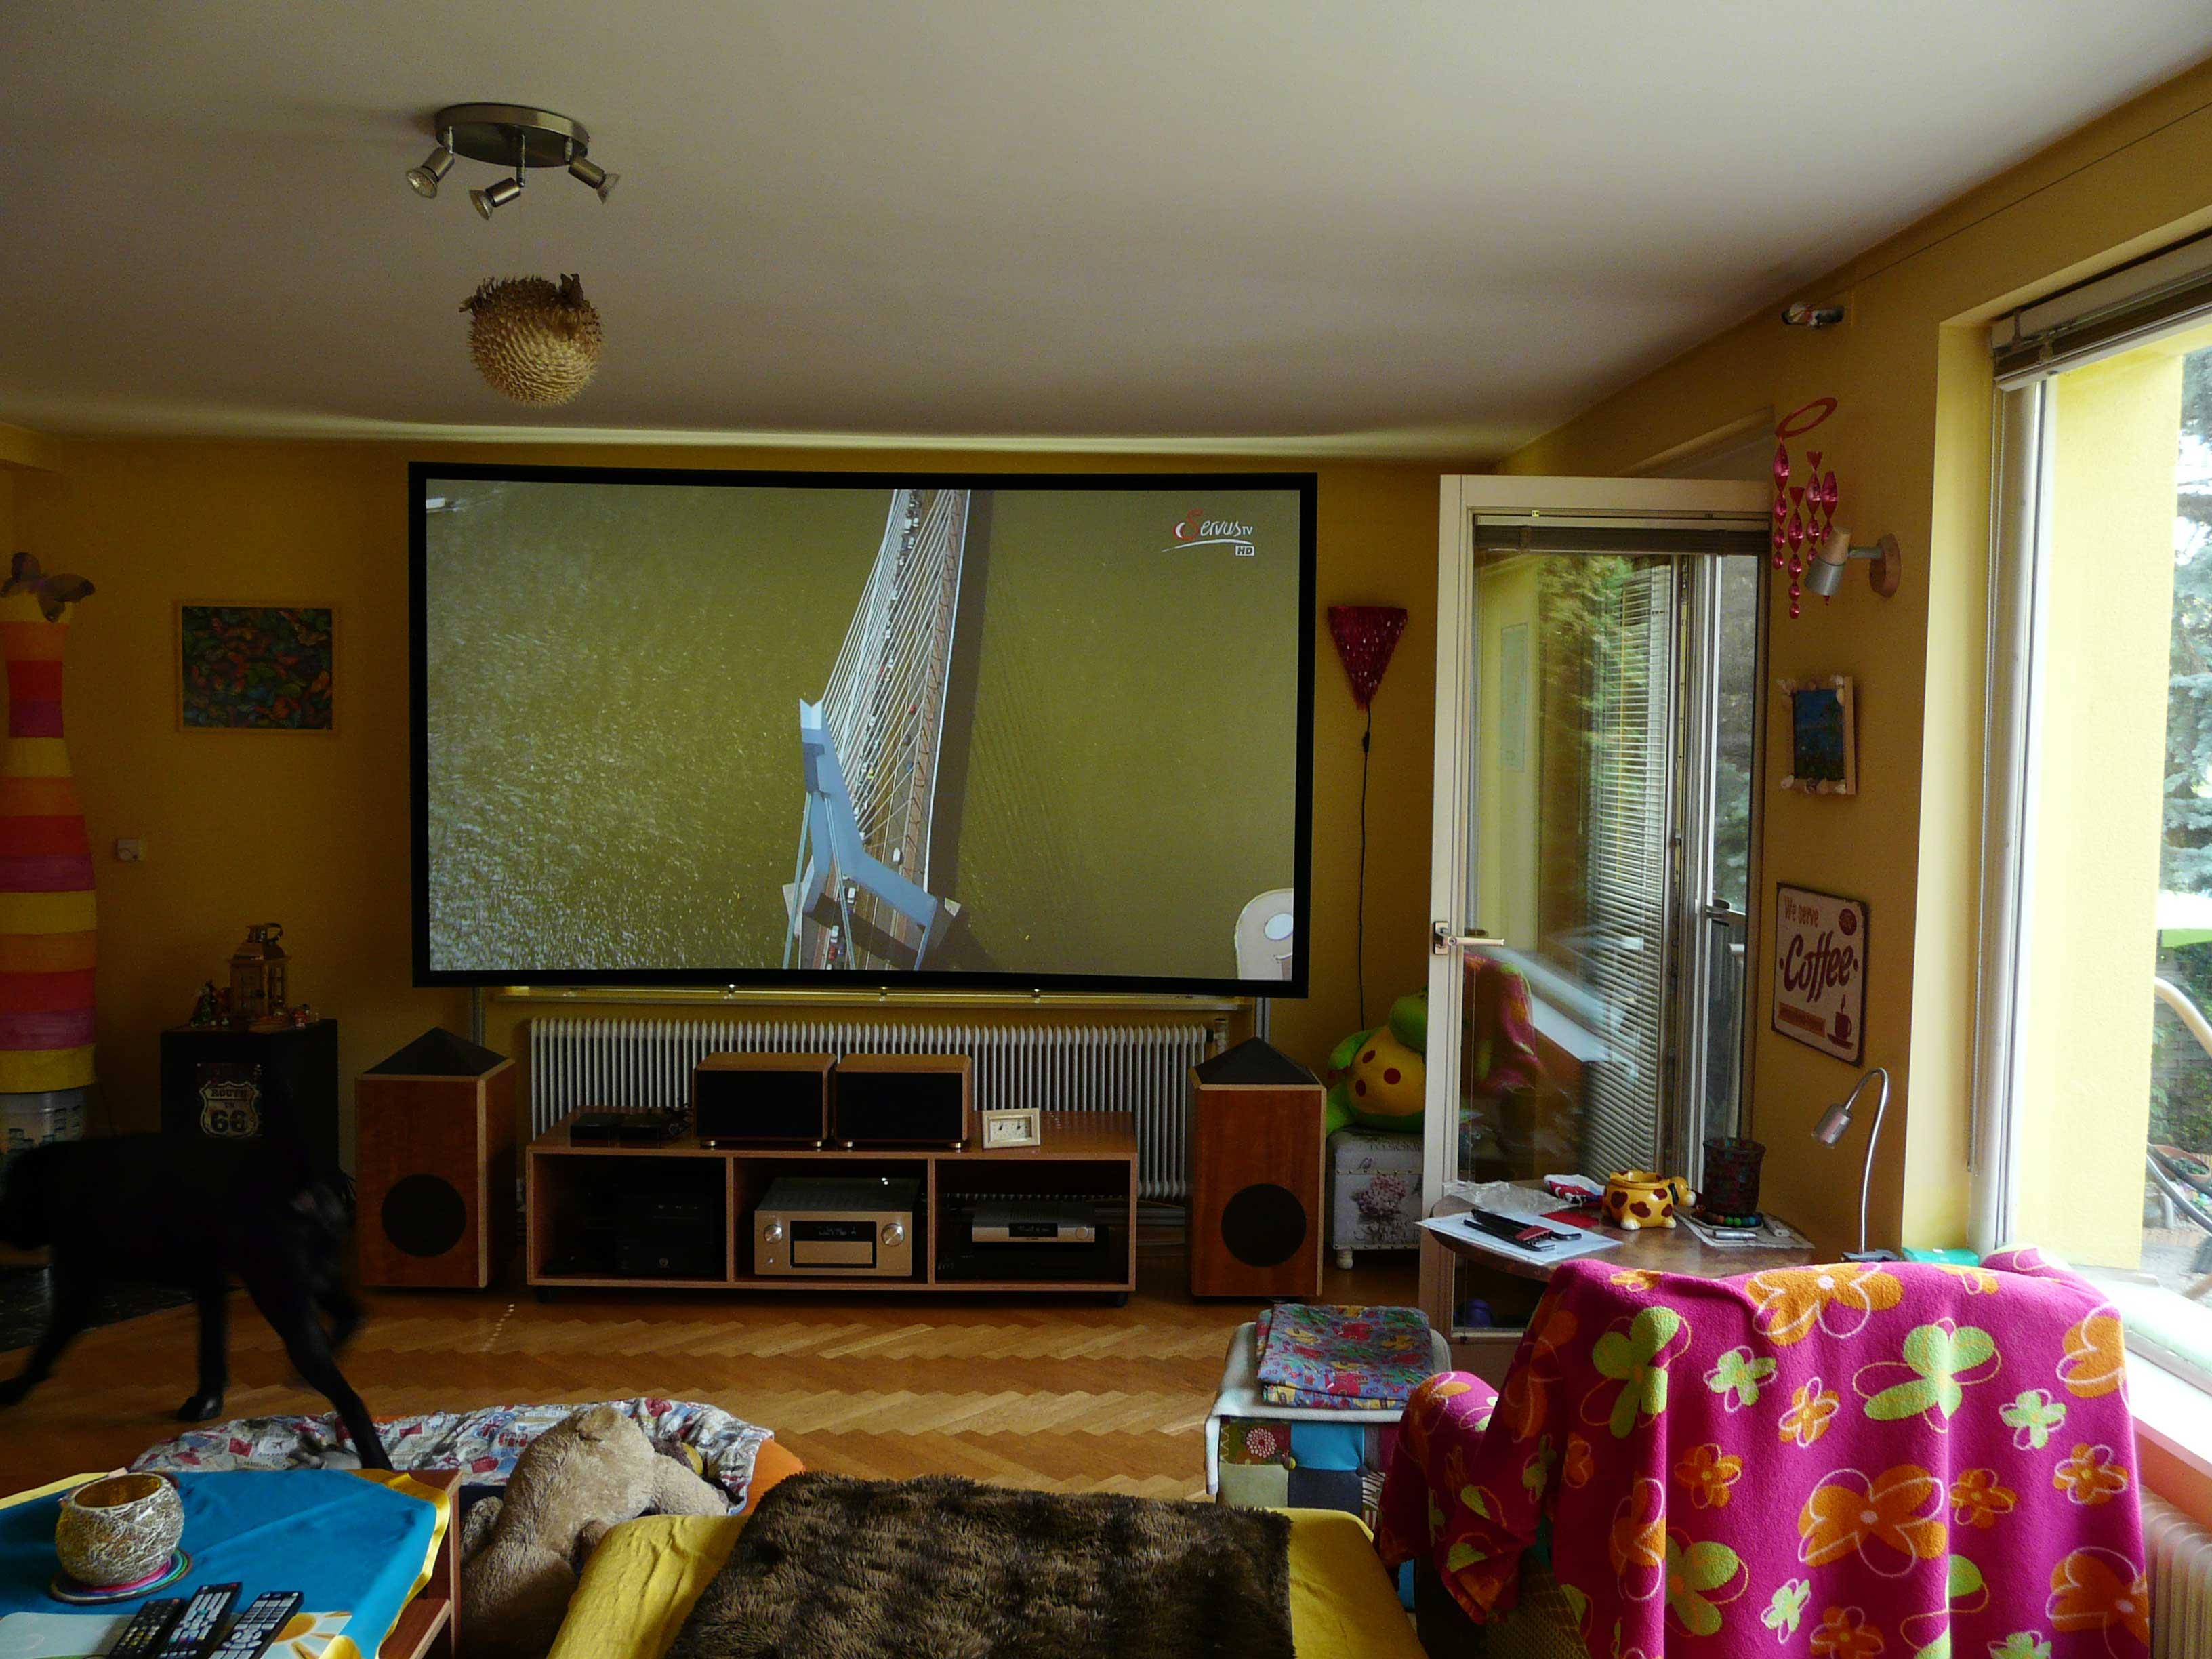 bestes Sehvergnügen im Wohnzimmer | CouchScreen Leinwand